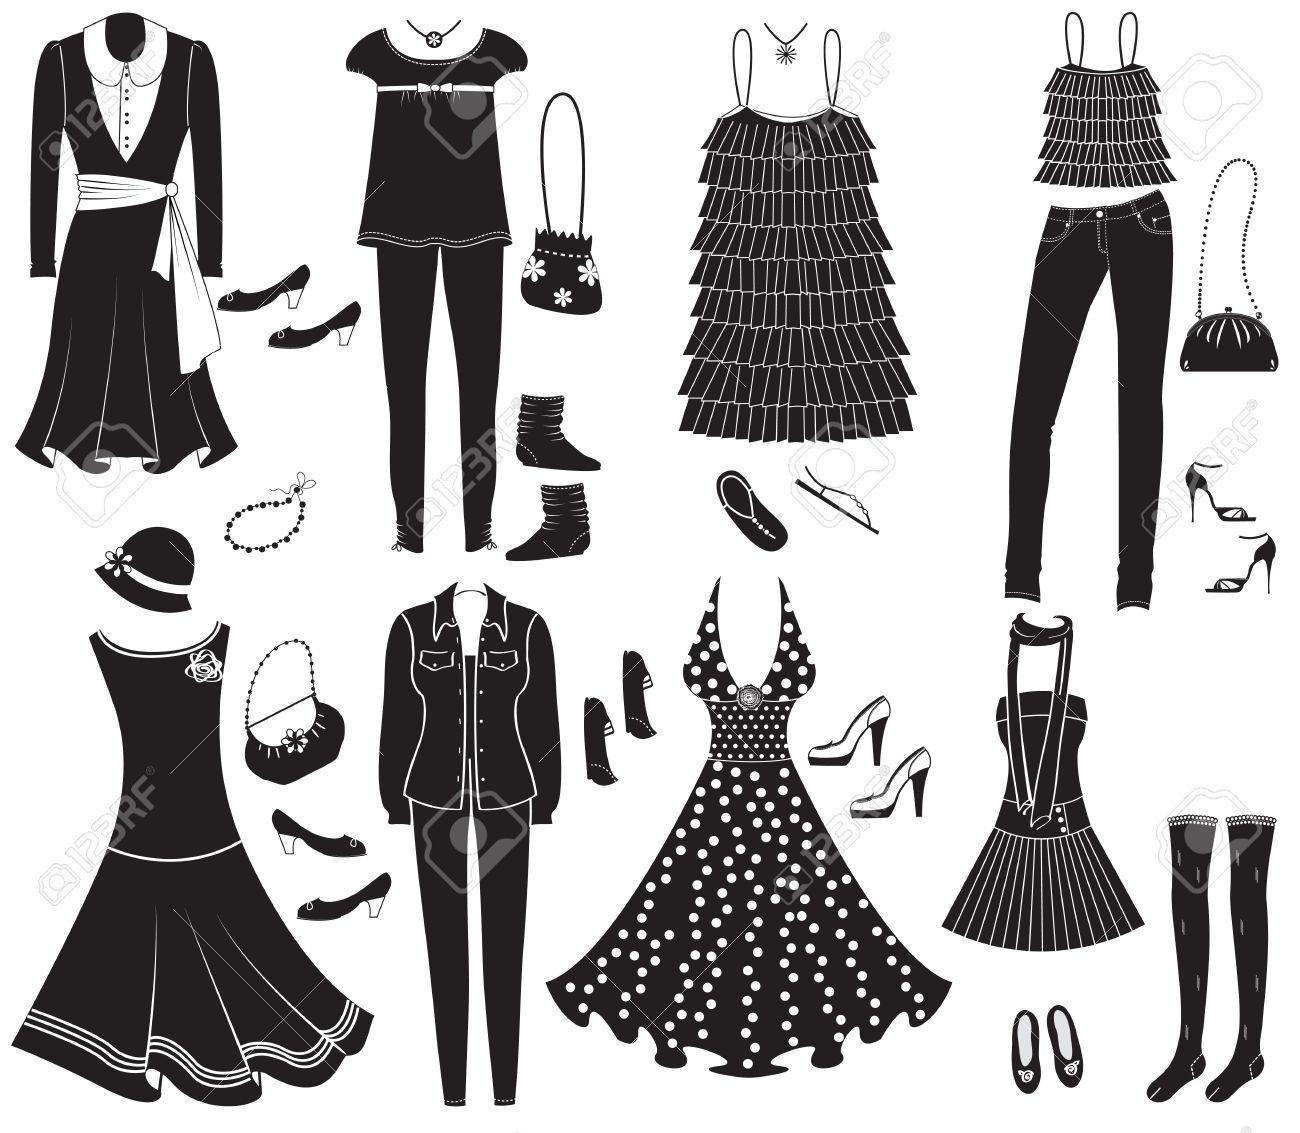 Ropa De Moda Y Accesorios Para Weman De Diseo Ilustraciones